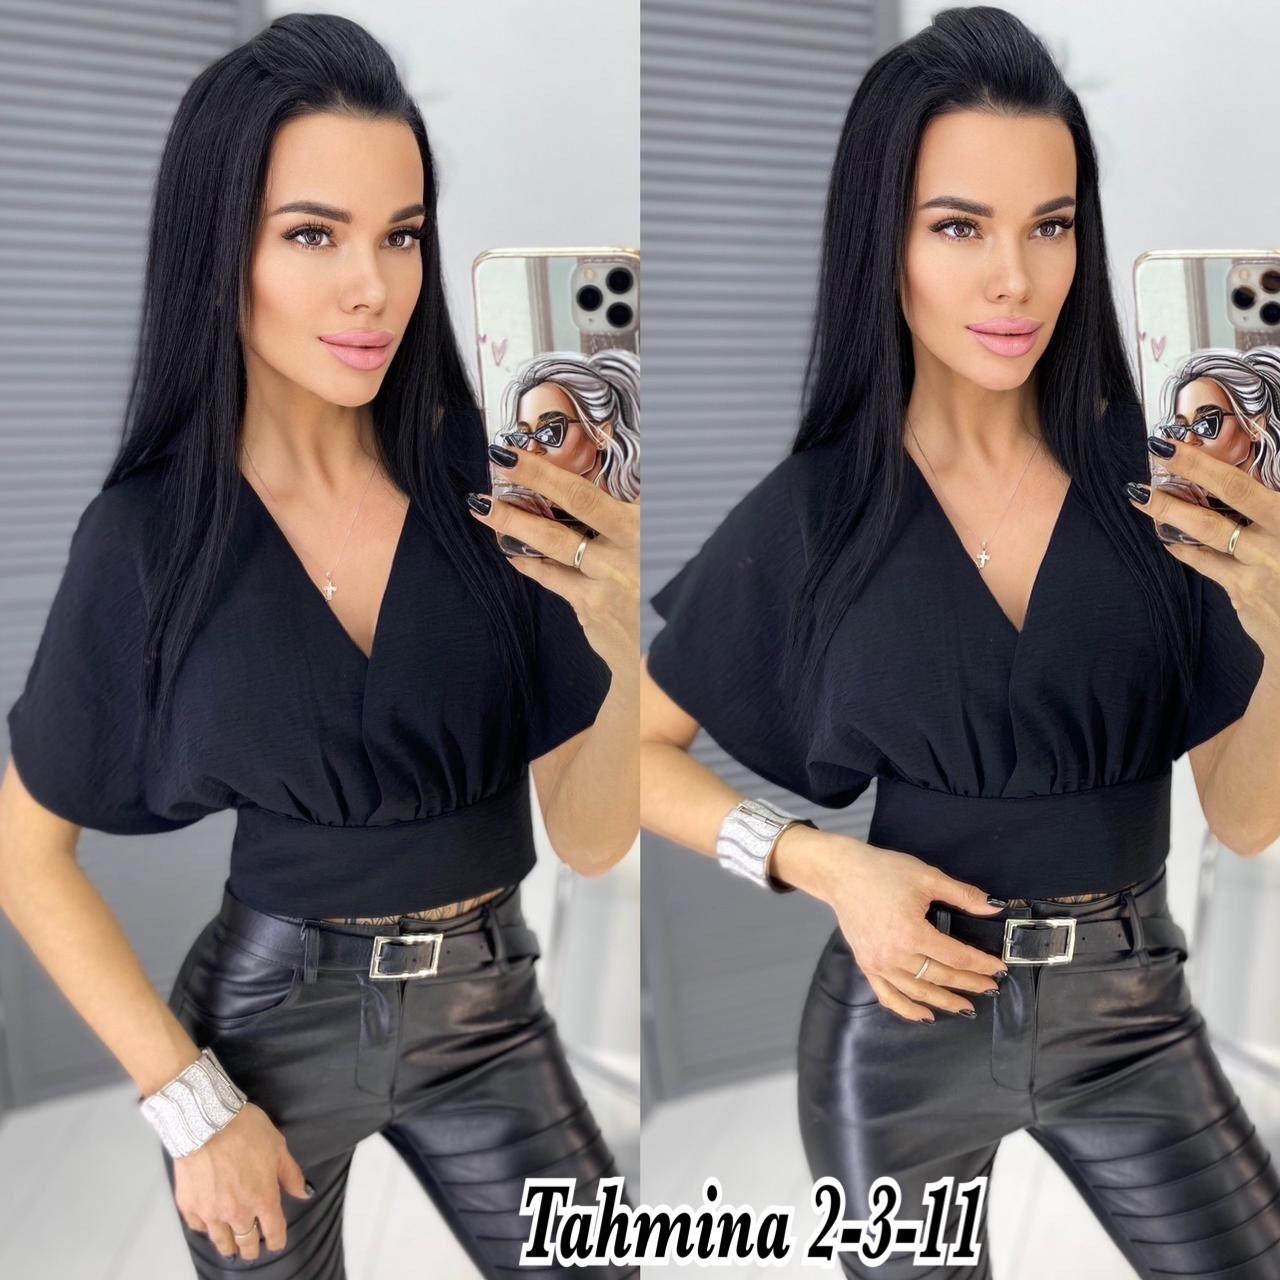 Жіноча блузка - топ, американський креп, р-р 42-44; 44-46 (чорний)